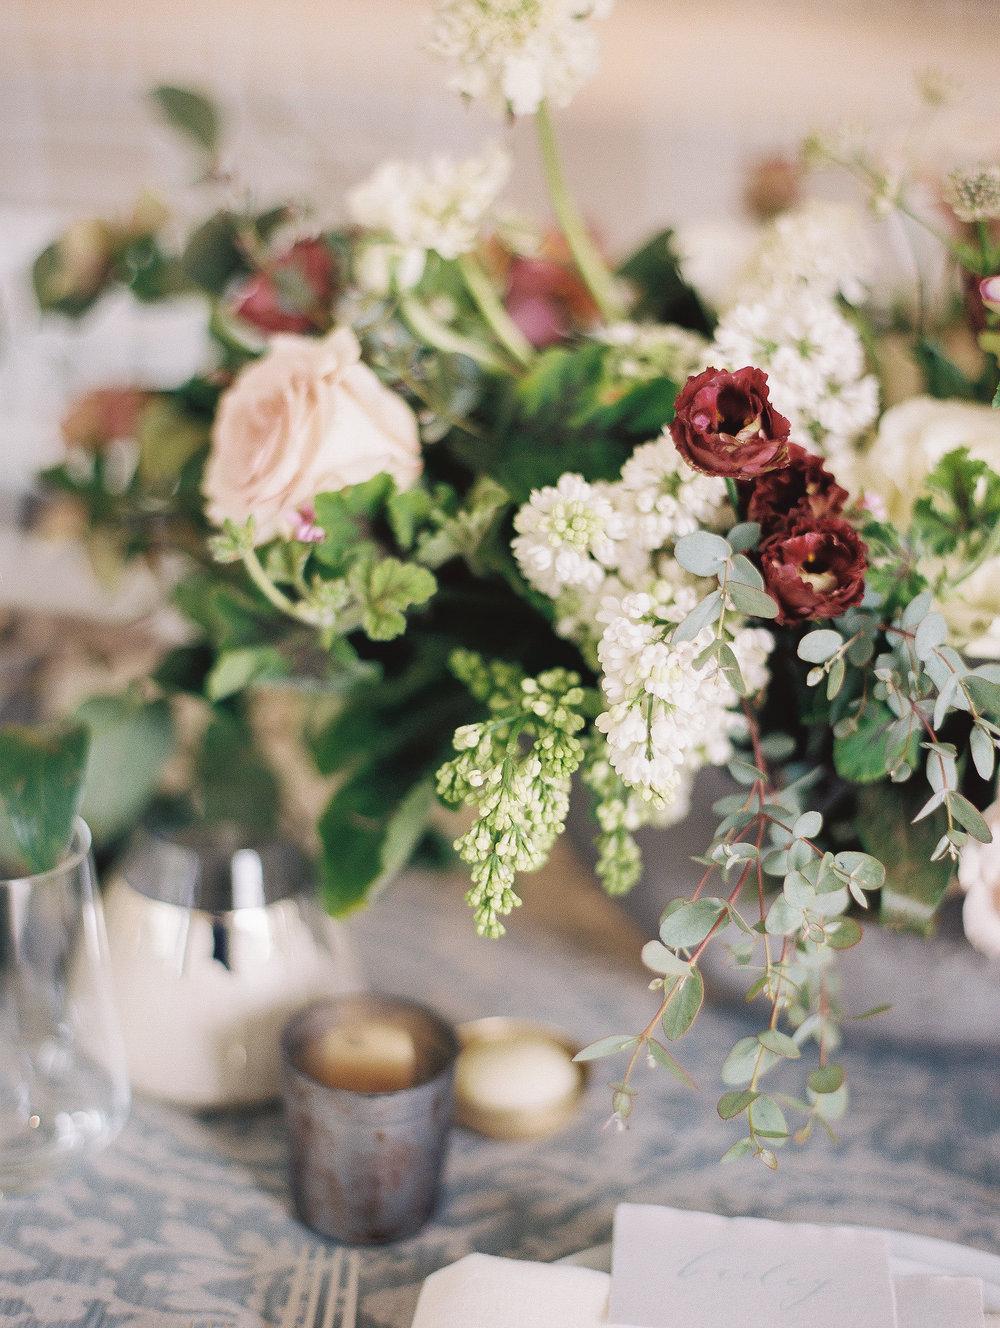 jessica-zimmerman-events-top-wedding-planner.jpg